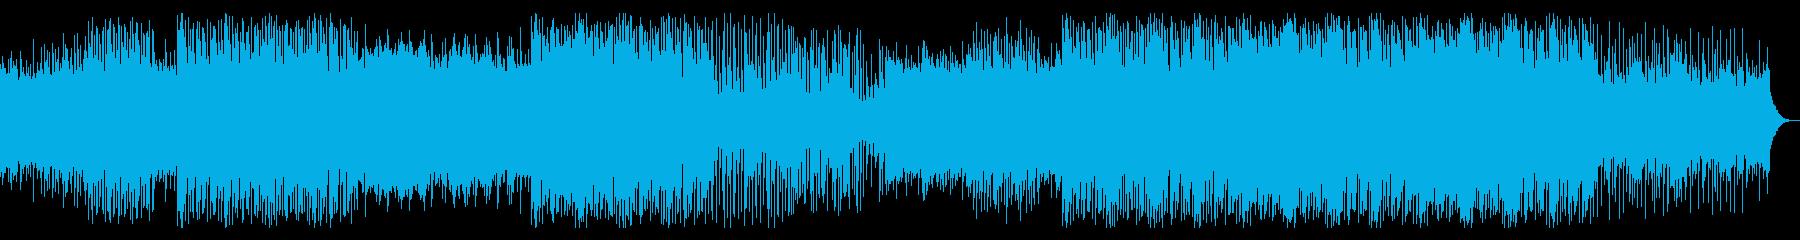 インド系の民族音楽風BGMの再生済みの波形